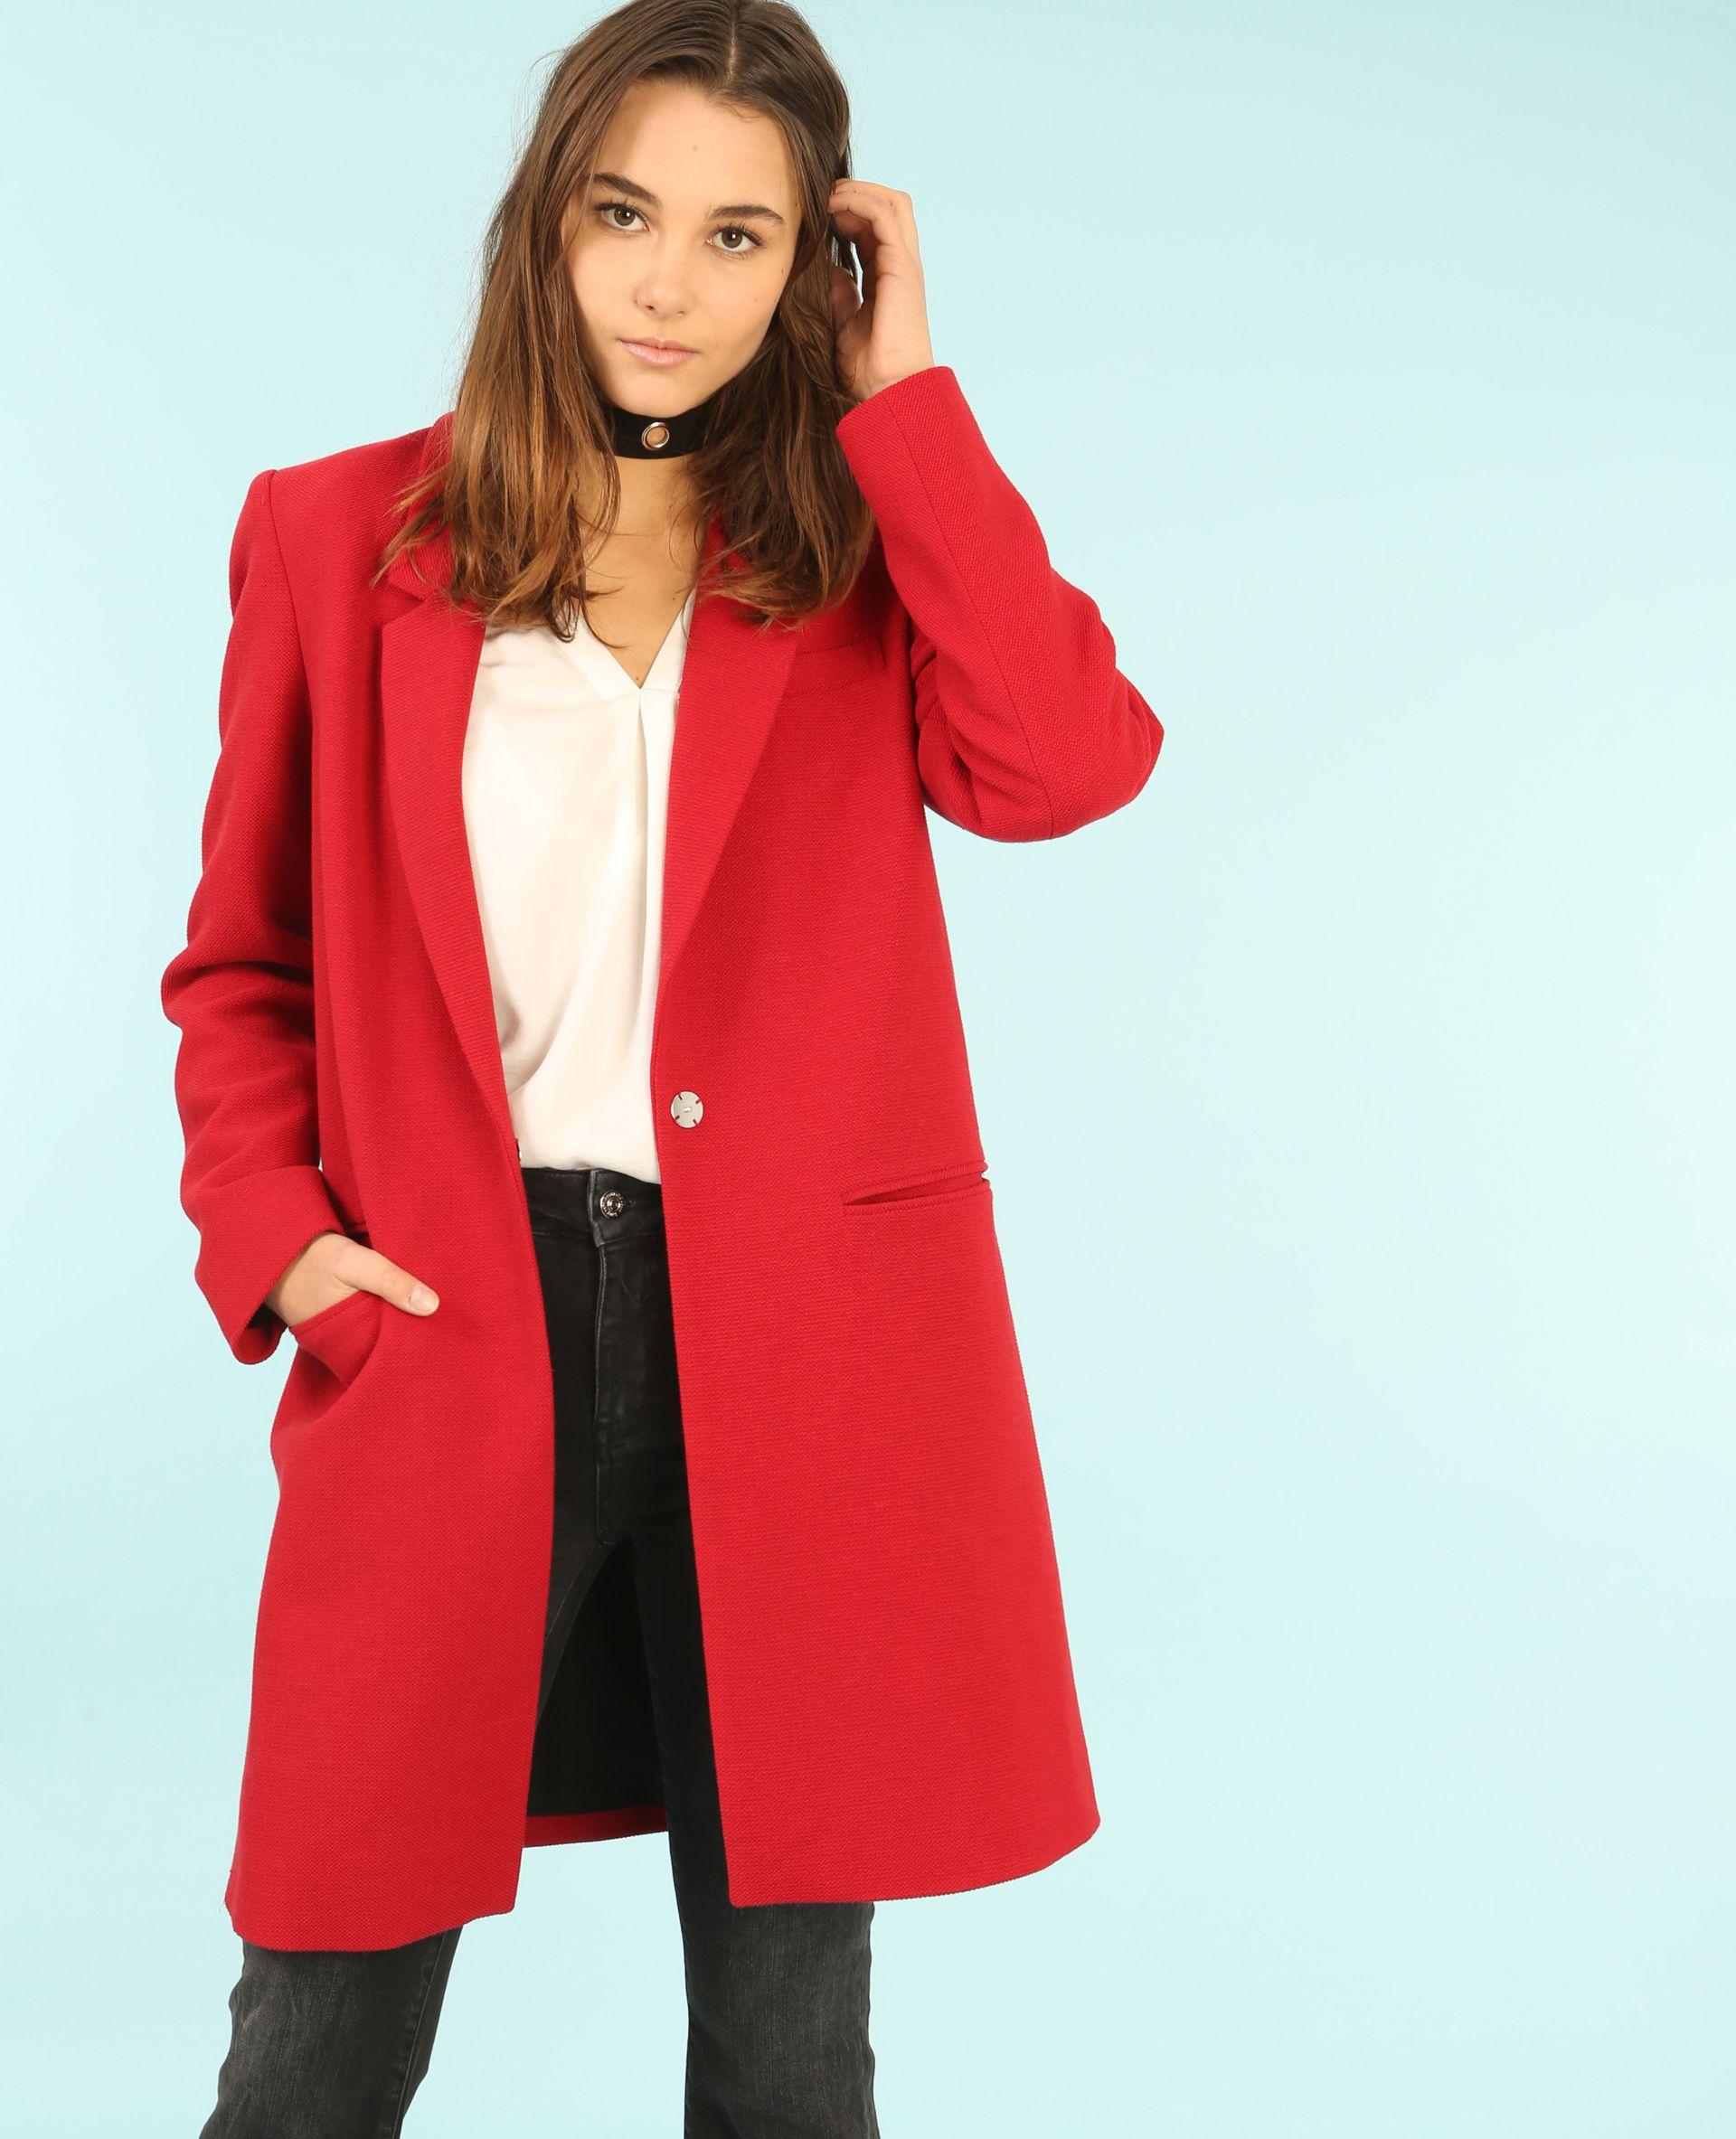 837c5c5d7db Manteau droit - Optez pour le chic peps avec le manteau rouge ...